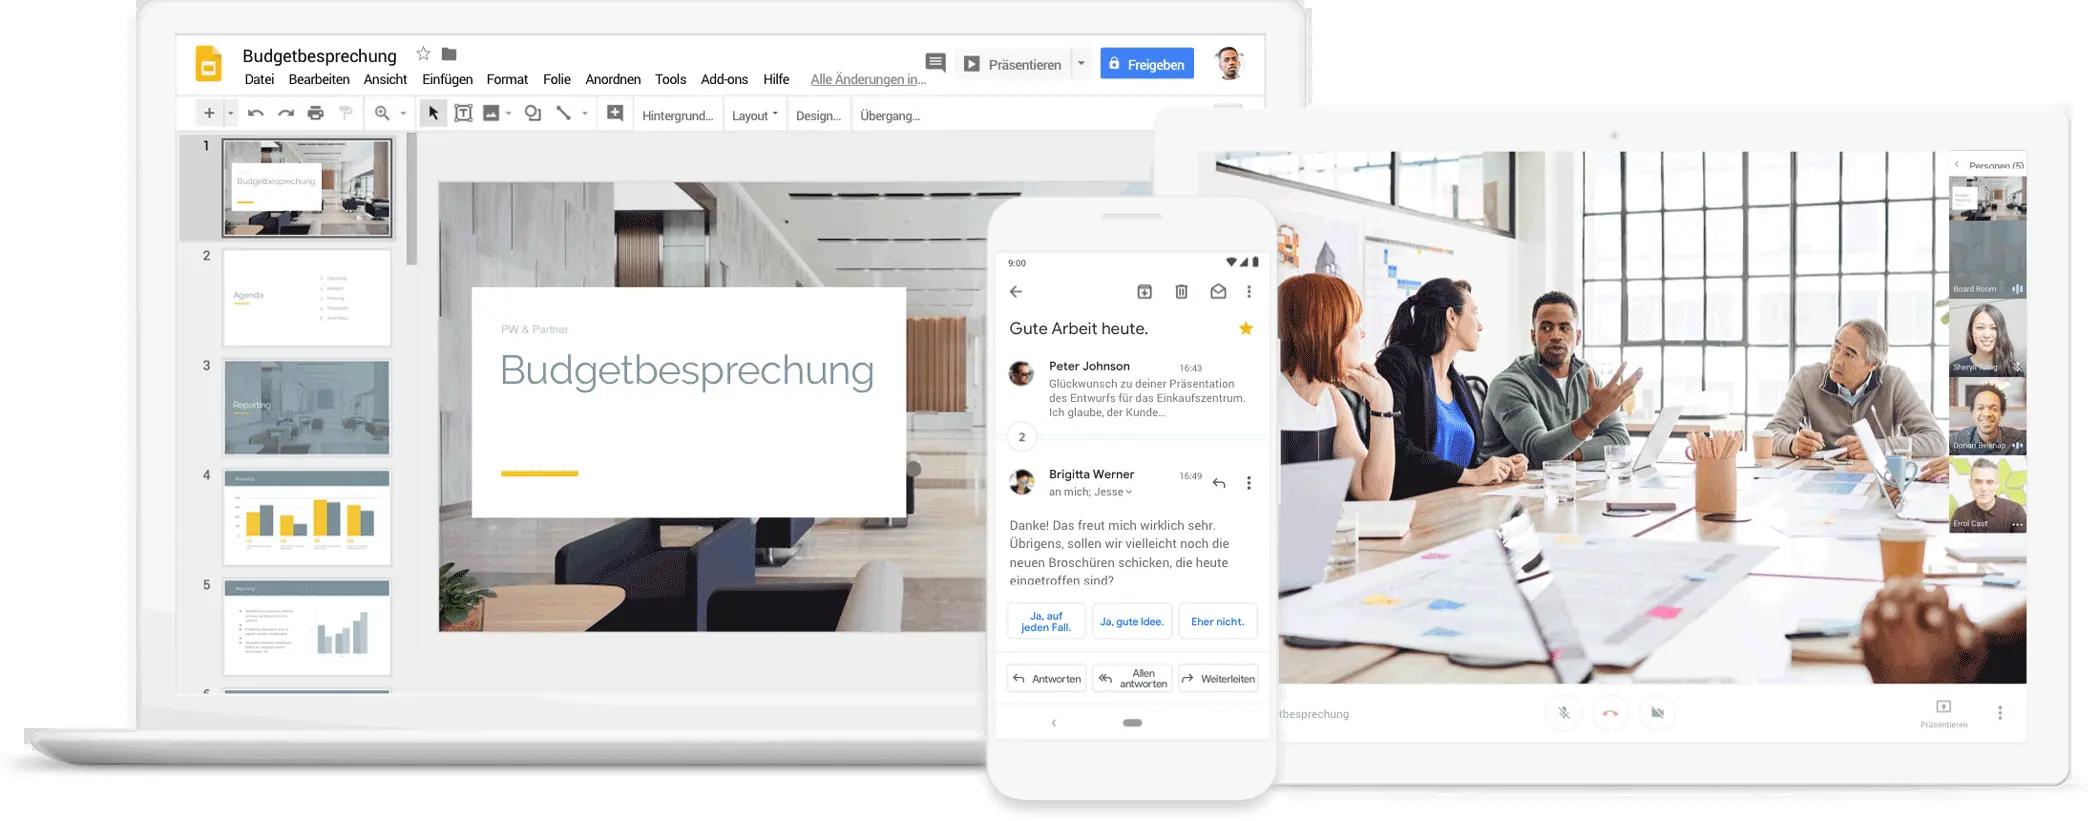 Zusammenarbeit mit Google Workspace per Videokonferenz, Chat und Präsentationen